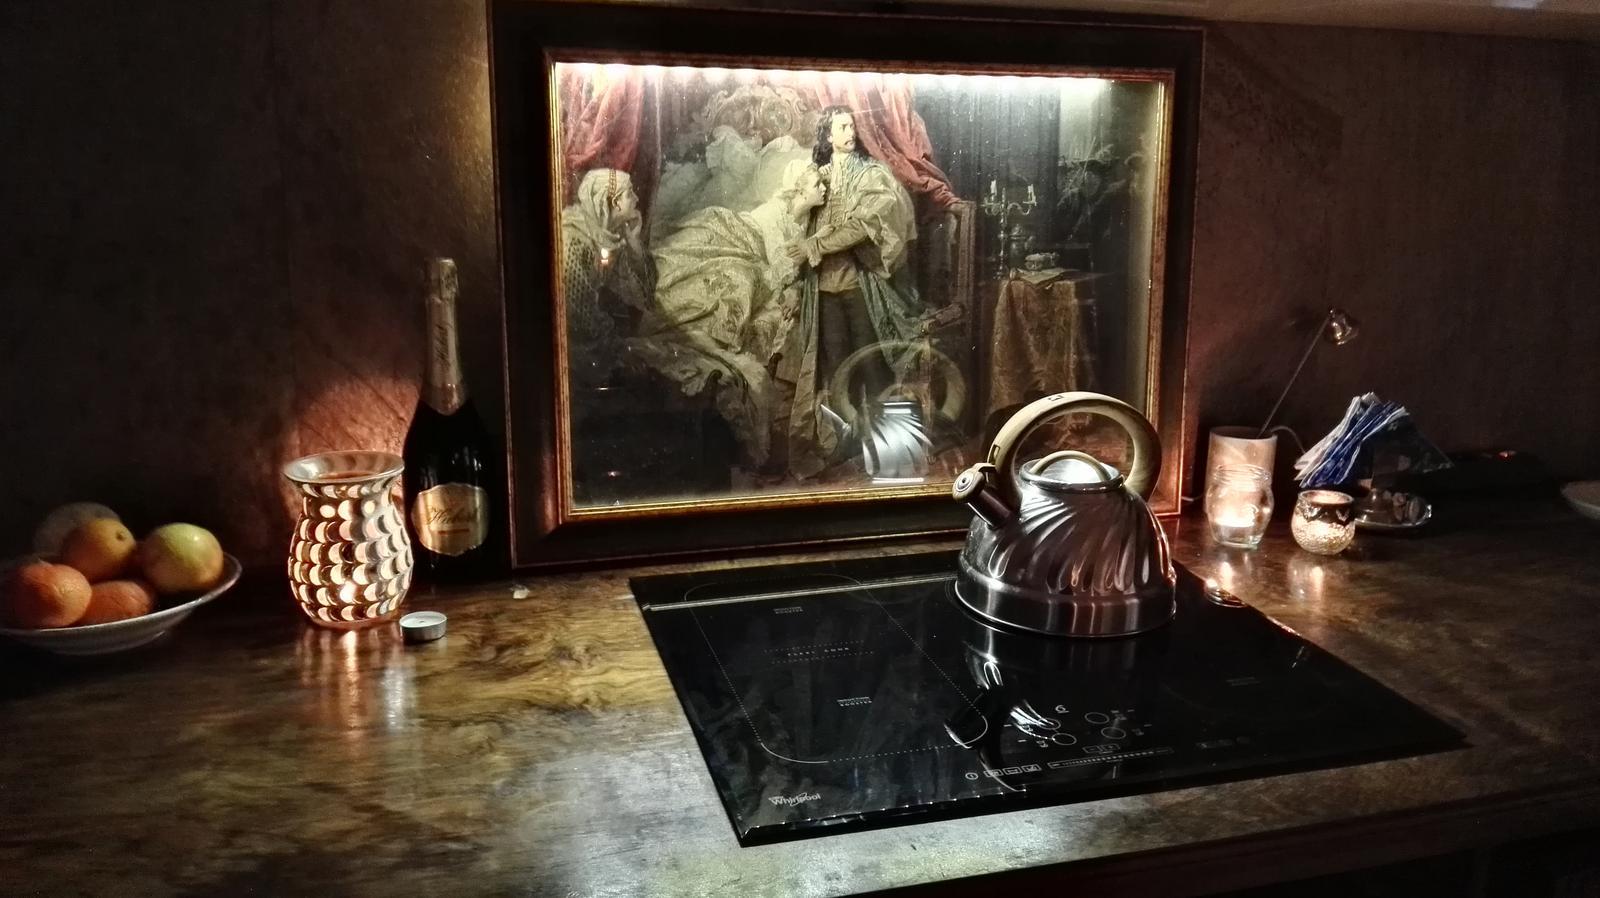 Rekonštrukcia bytu v národnej kultúrnej pamiatke - obraz mam z vypredaja asi za 5eur.Ramovanie so sklom stalo 30e, manzel namontoval led osvetlenie a nasa zastena za sporak je na svete.